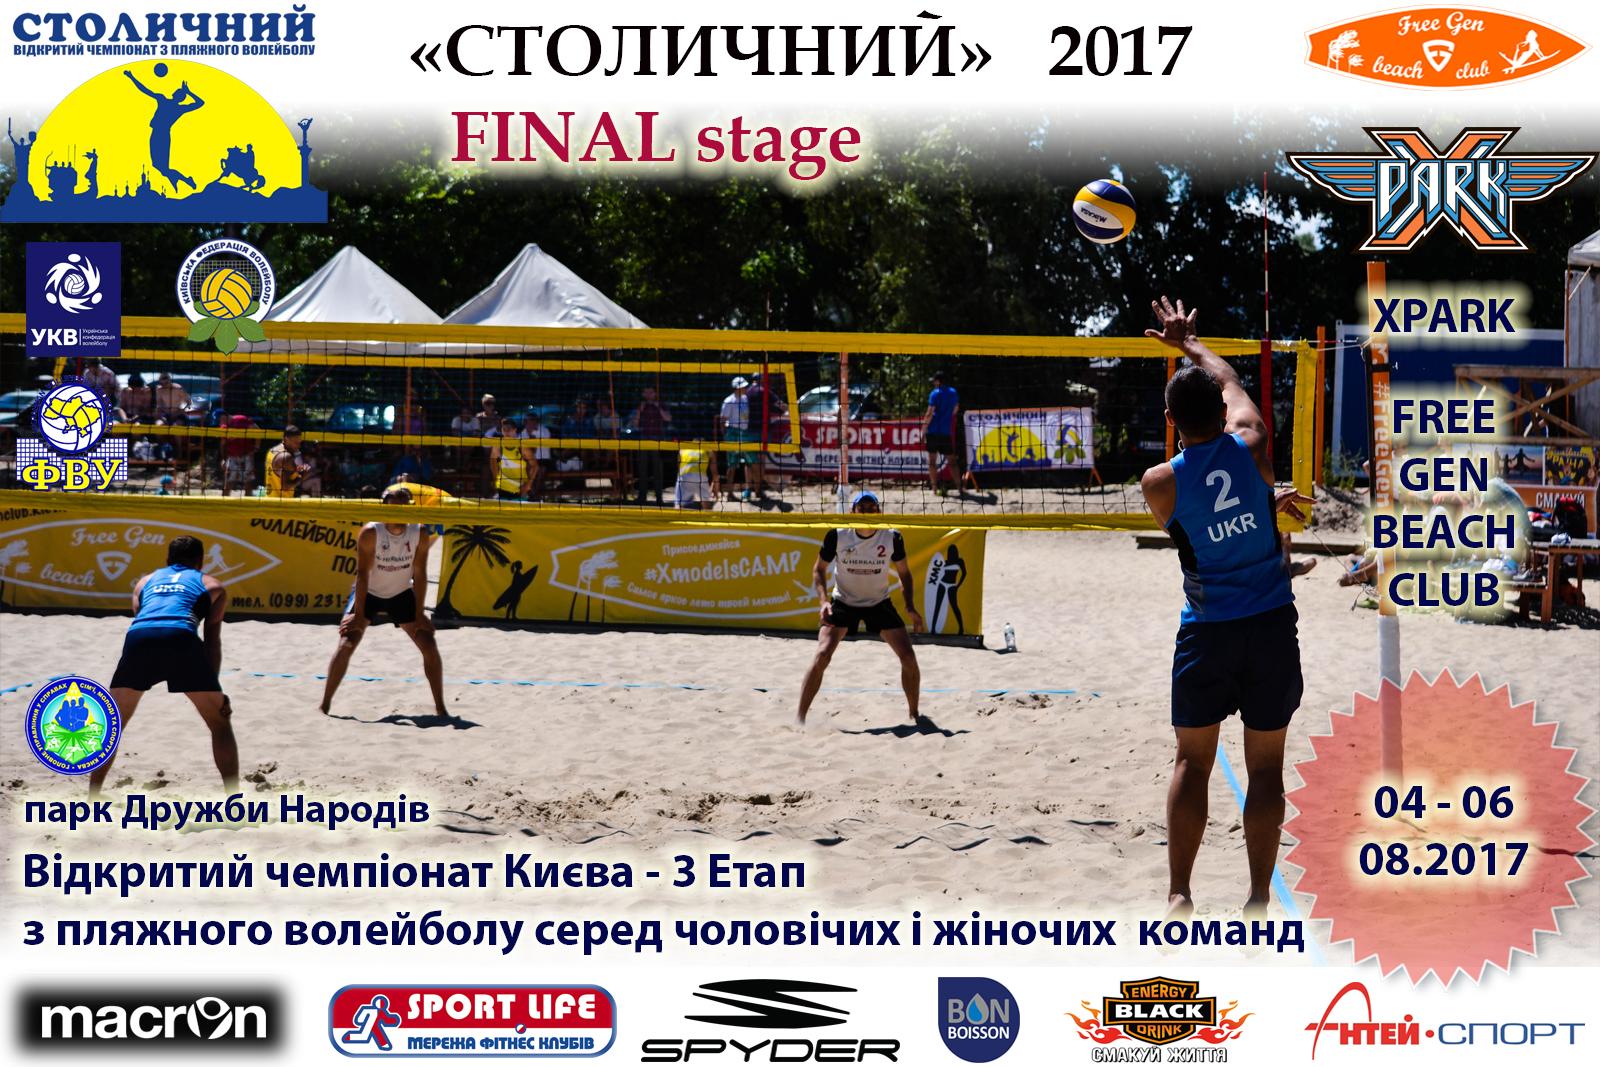 Пляжний волейбол. Чемпіонат Столичний 2017